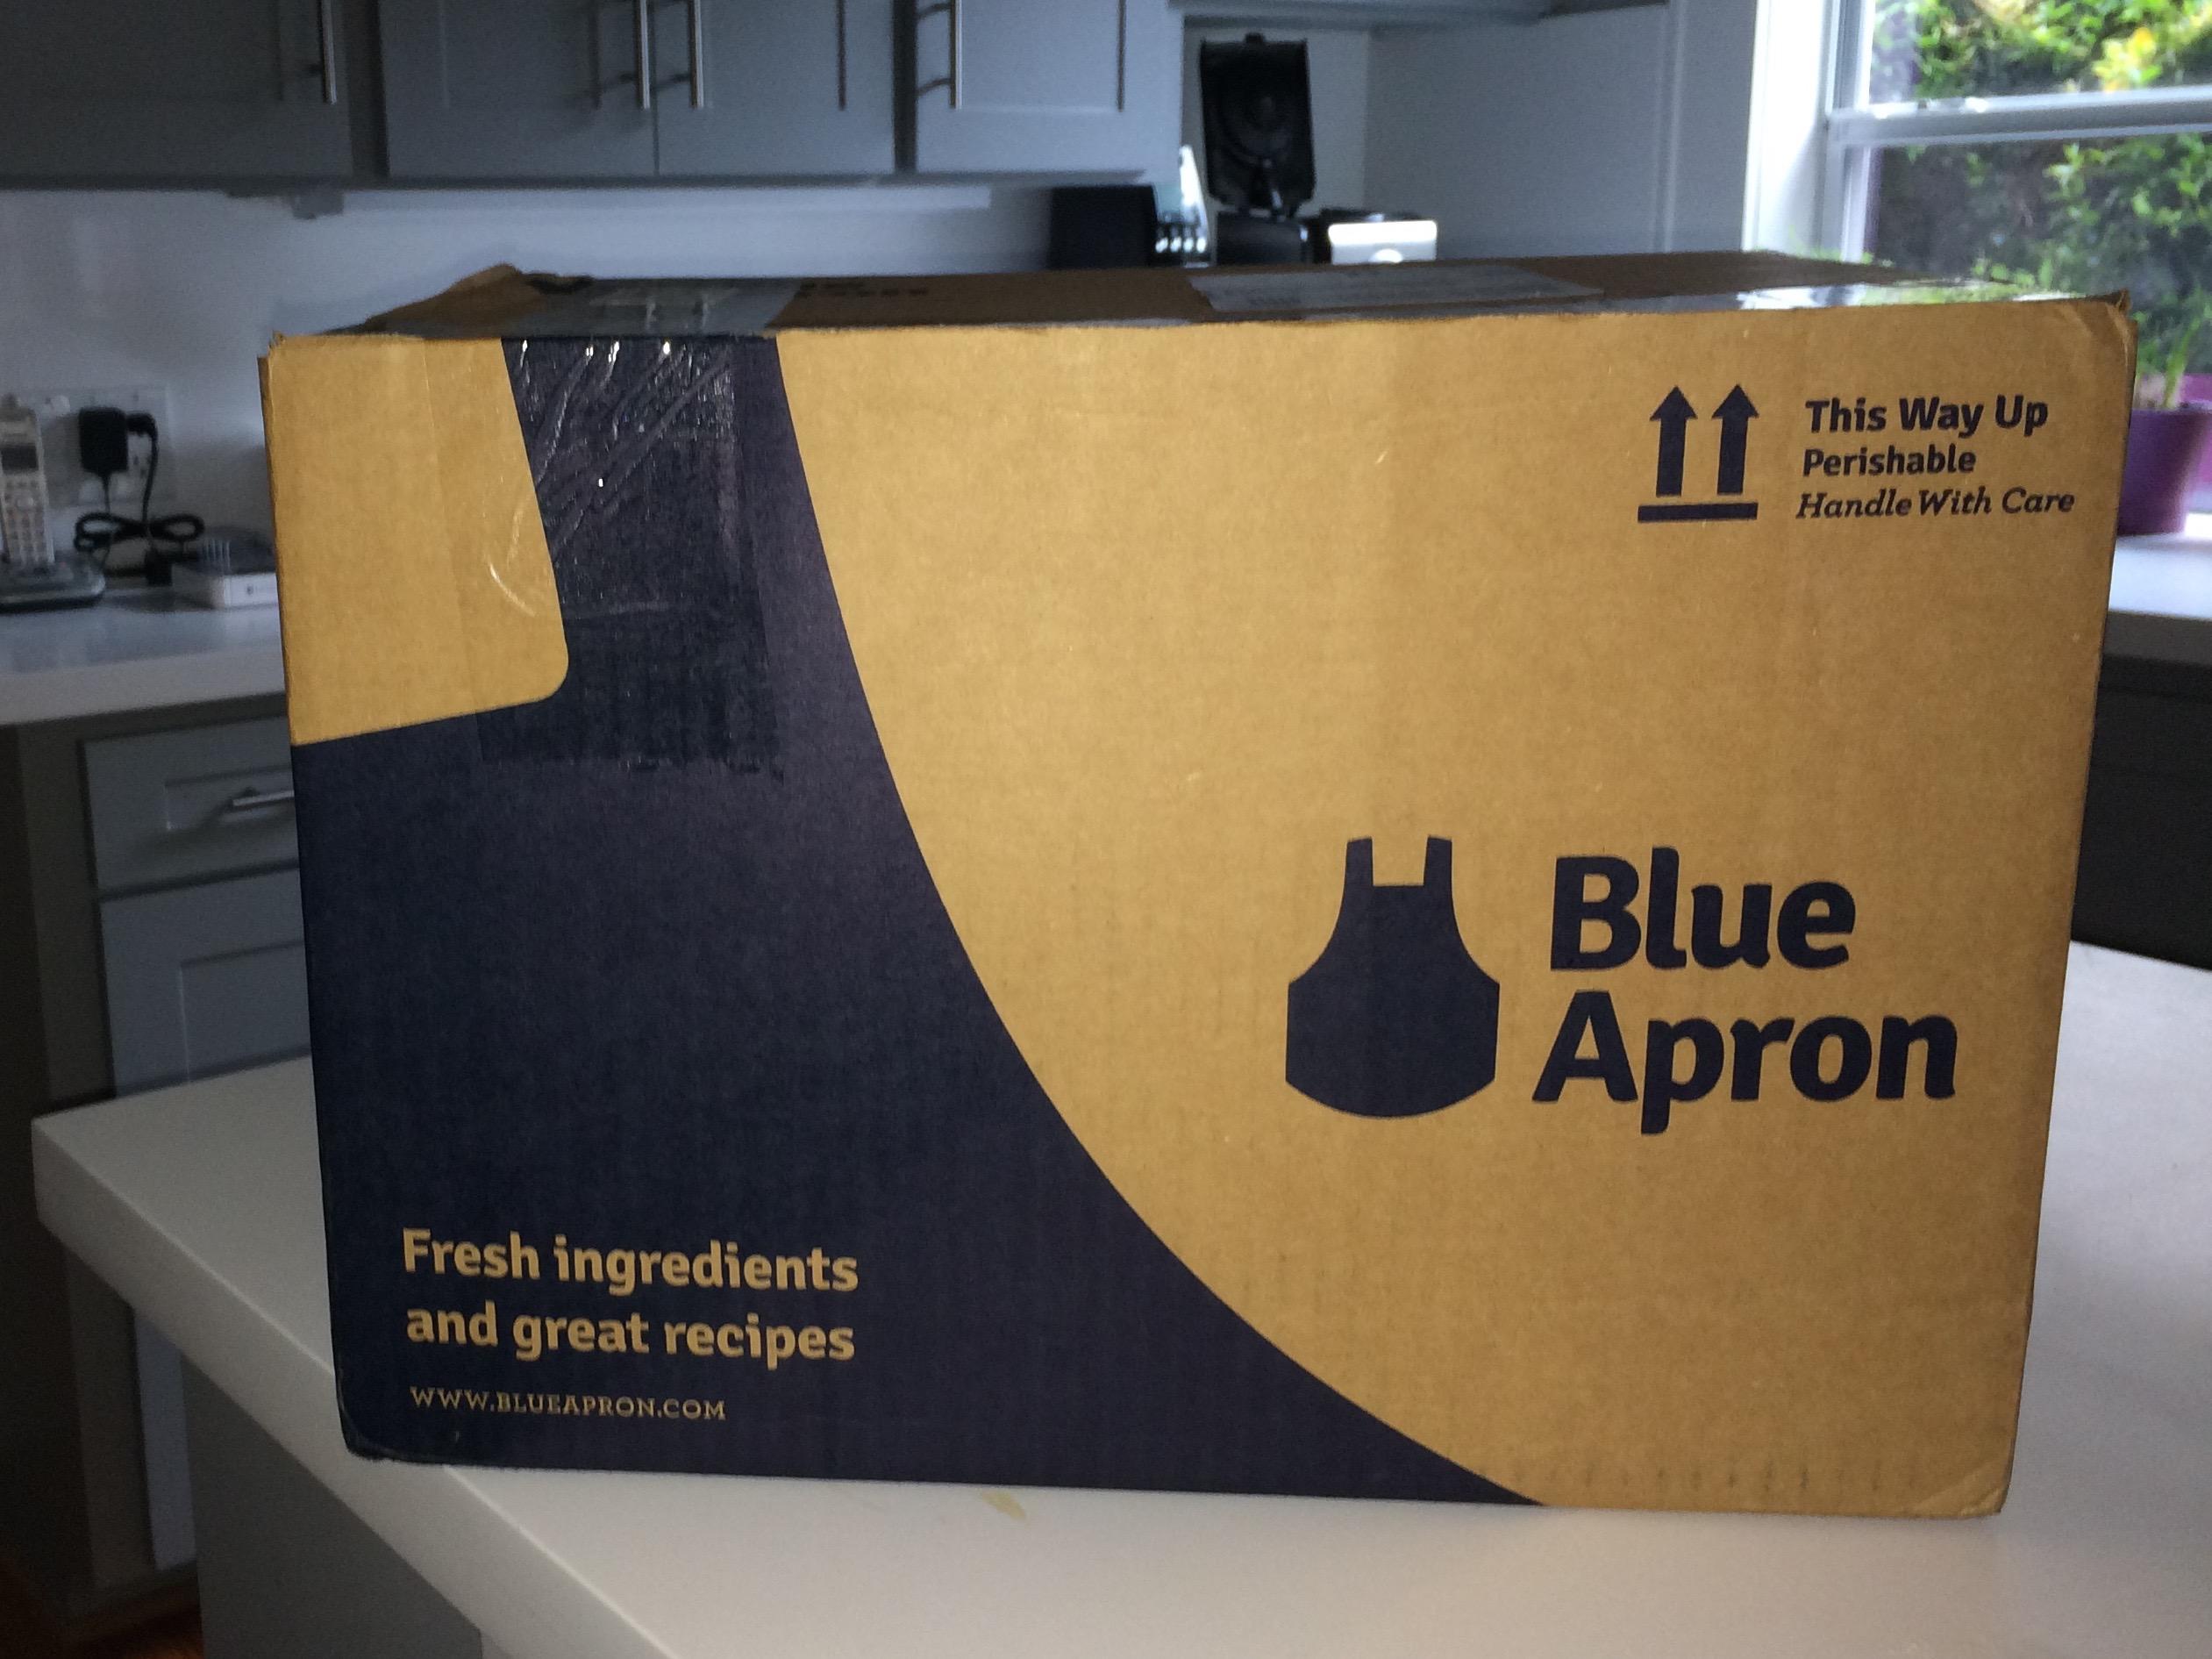 Blue apron wonton noodles - Blue Apron Wonton Noodles 38